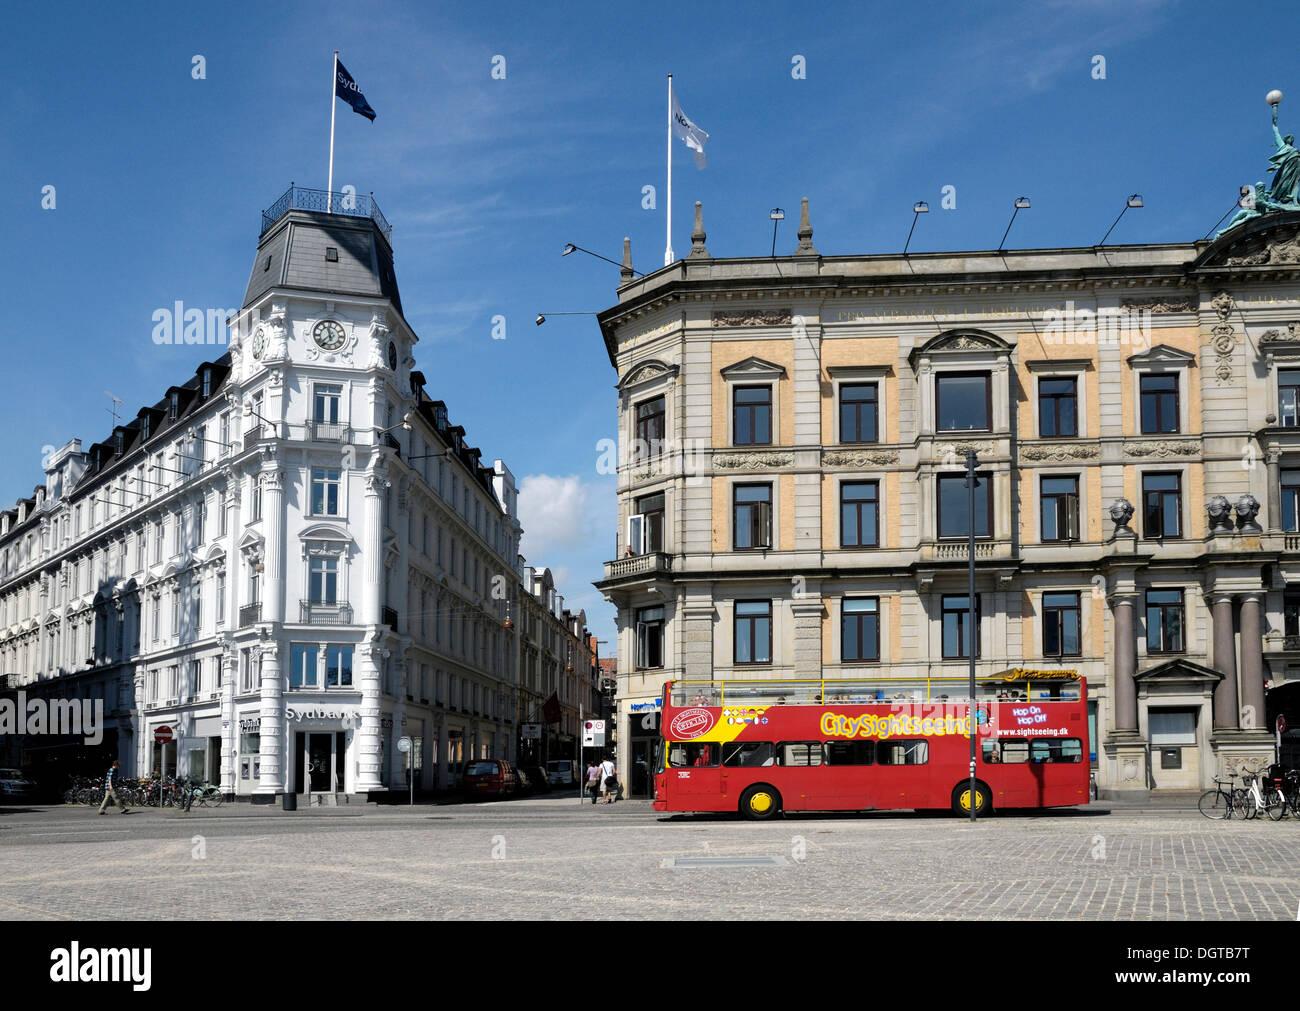 Kongens Nytorv square, Copenhagen, Denmark, Scandinavia, PublicGround - Stock Image